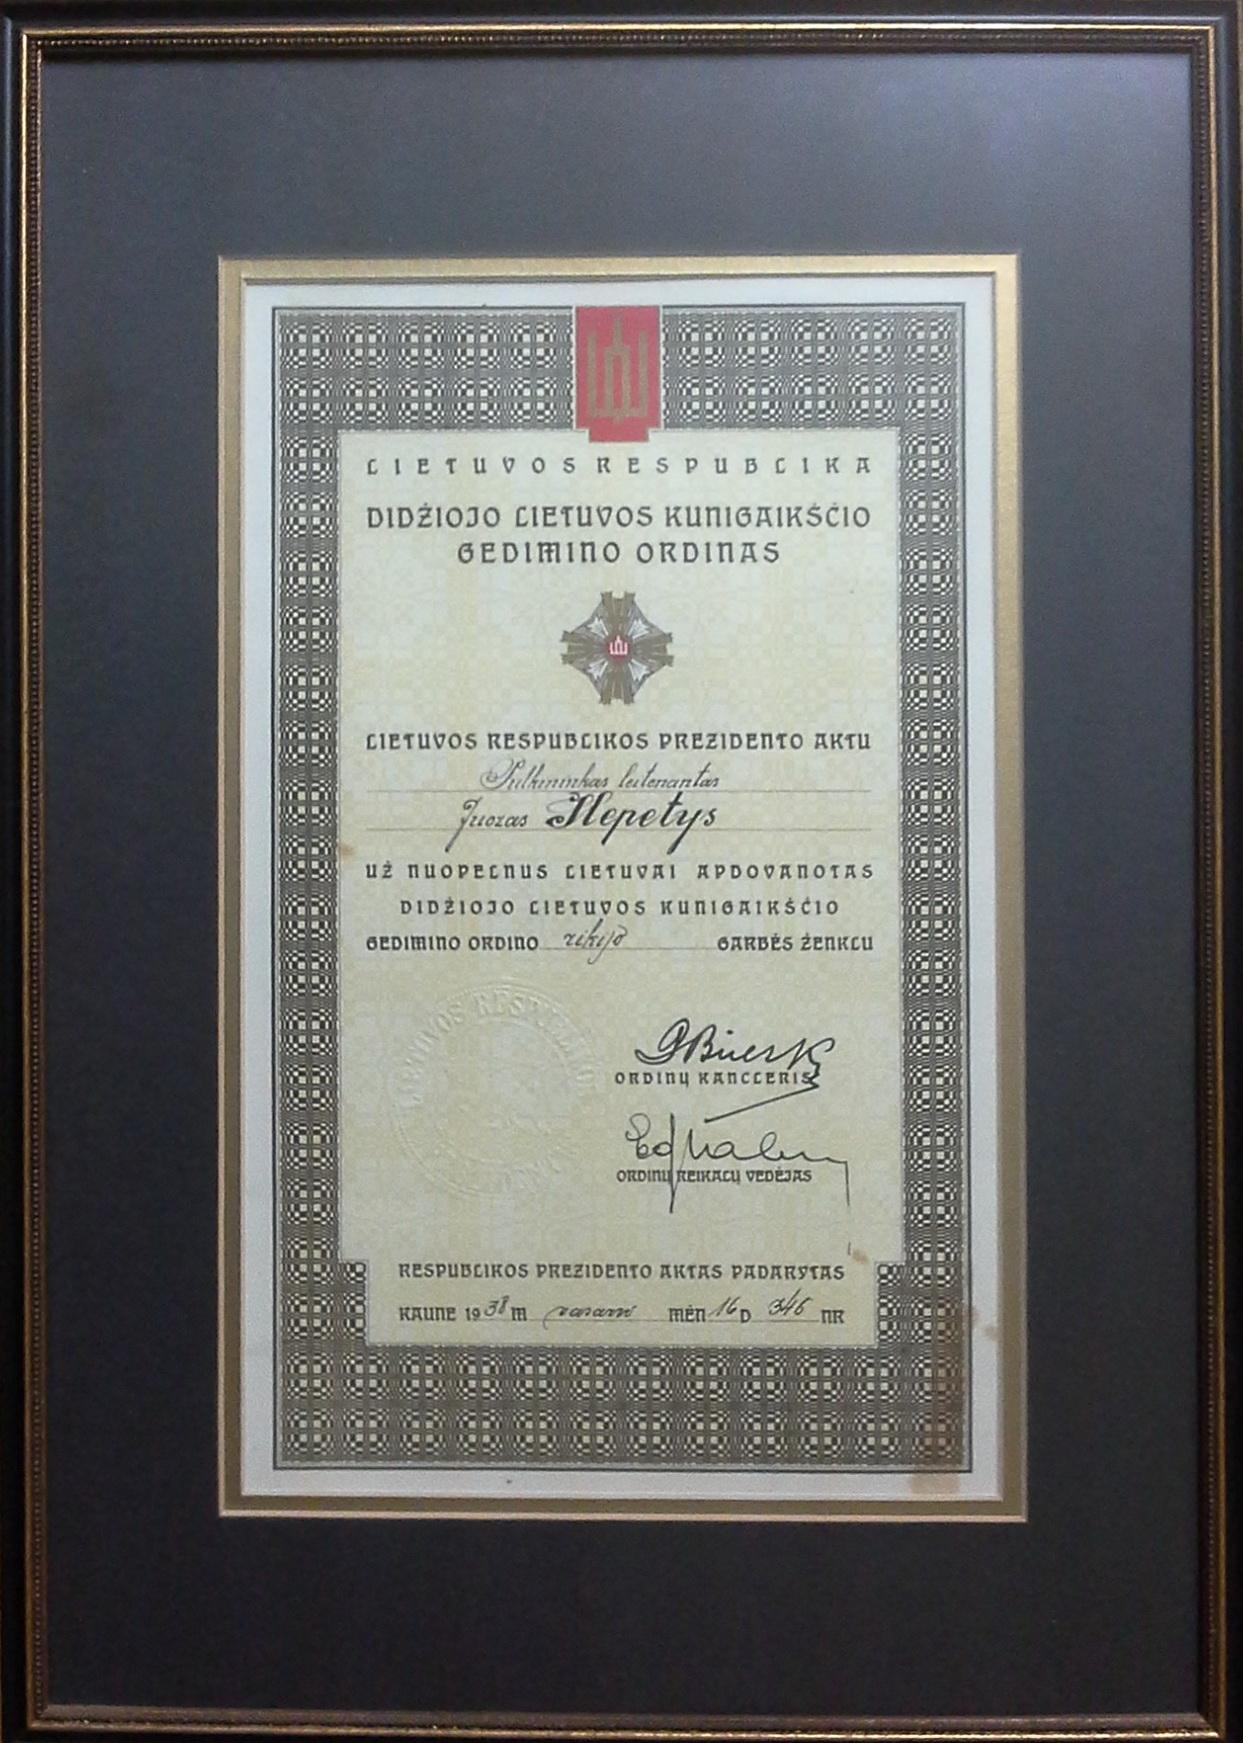 Didžiojo Lietuvos kunigaikščio Gedimino ordino rikijo garbės ženklo pažymėjimas. Kaunas, 1938 m. vasario 16 d.